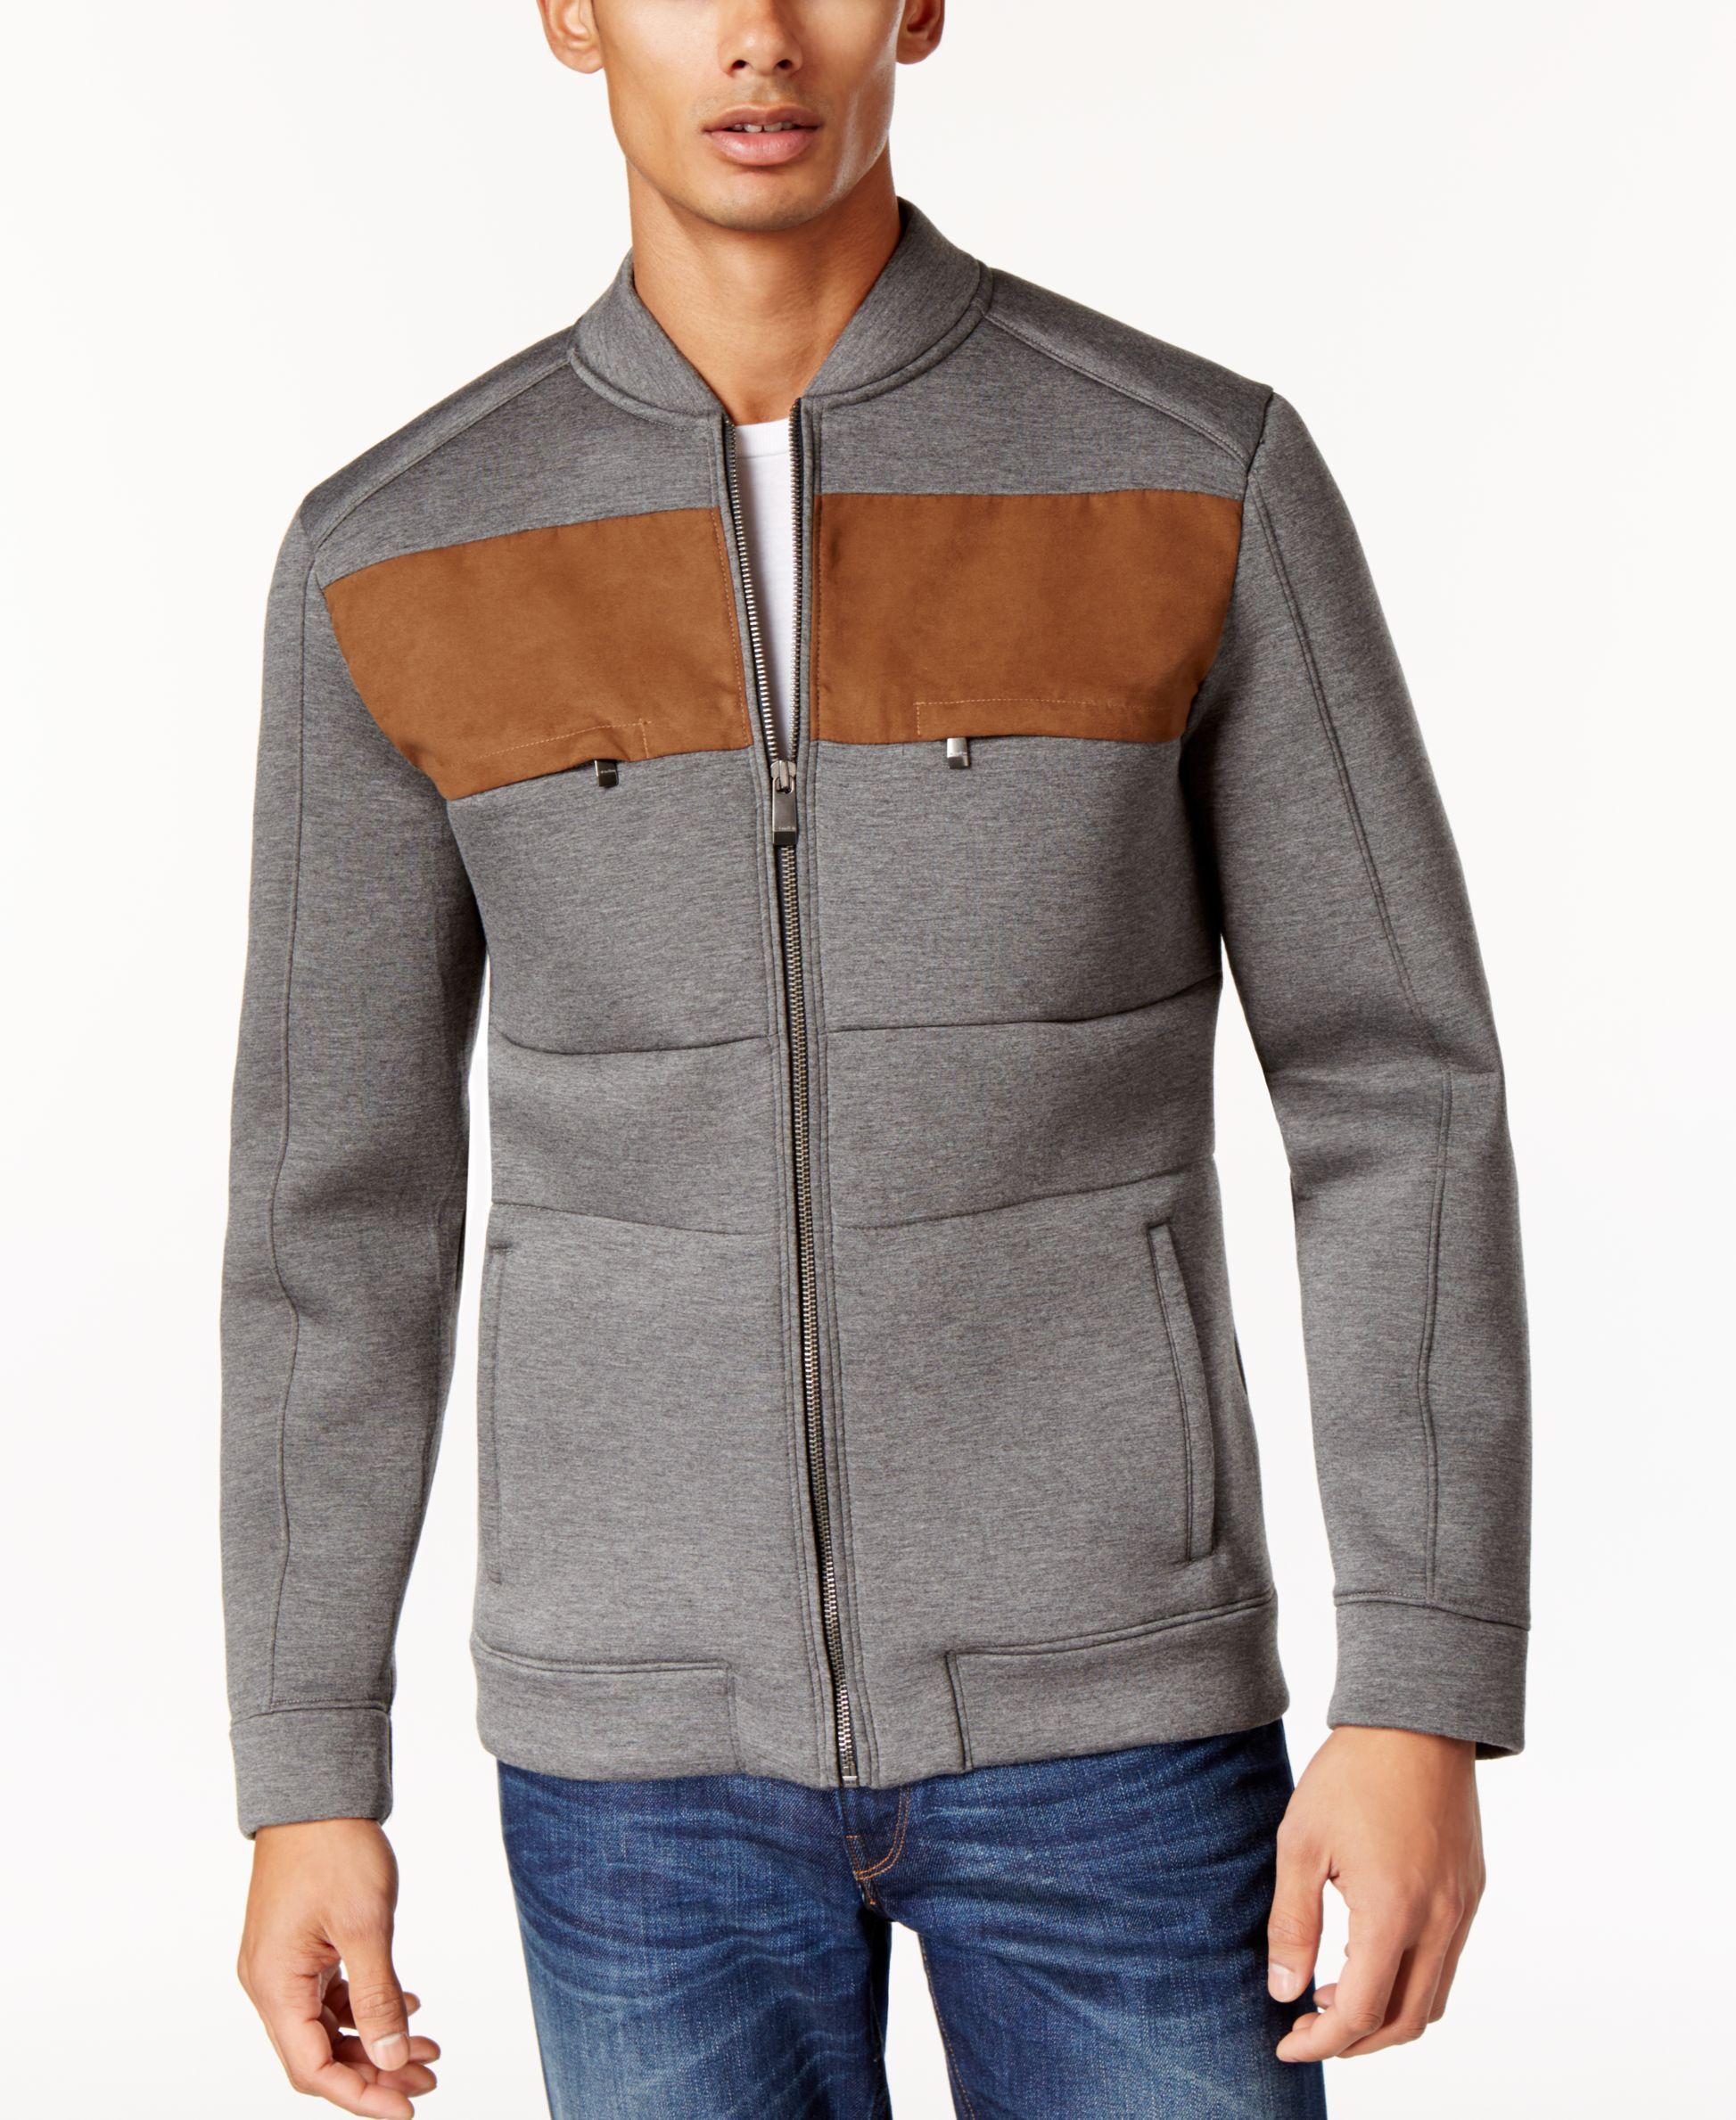 Calvin Klein Men S Neoprene Bomber Jacket Mens Jackets Jackets Calvin Klein Men [ 2378 x 1947 Pixel ]